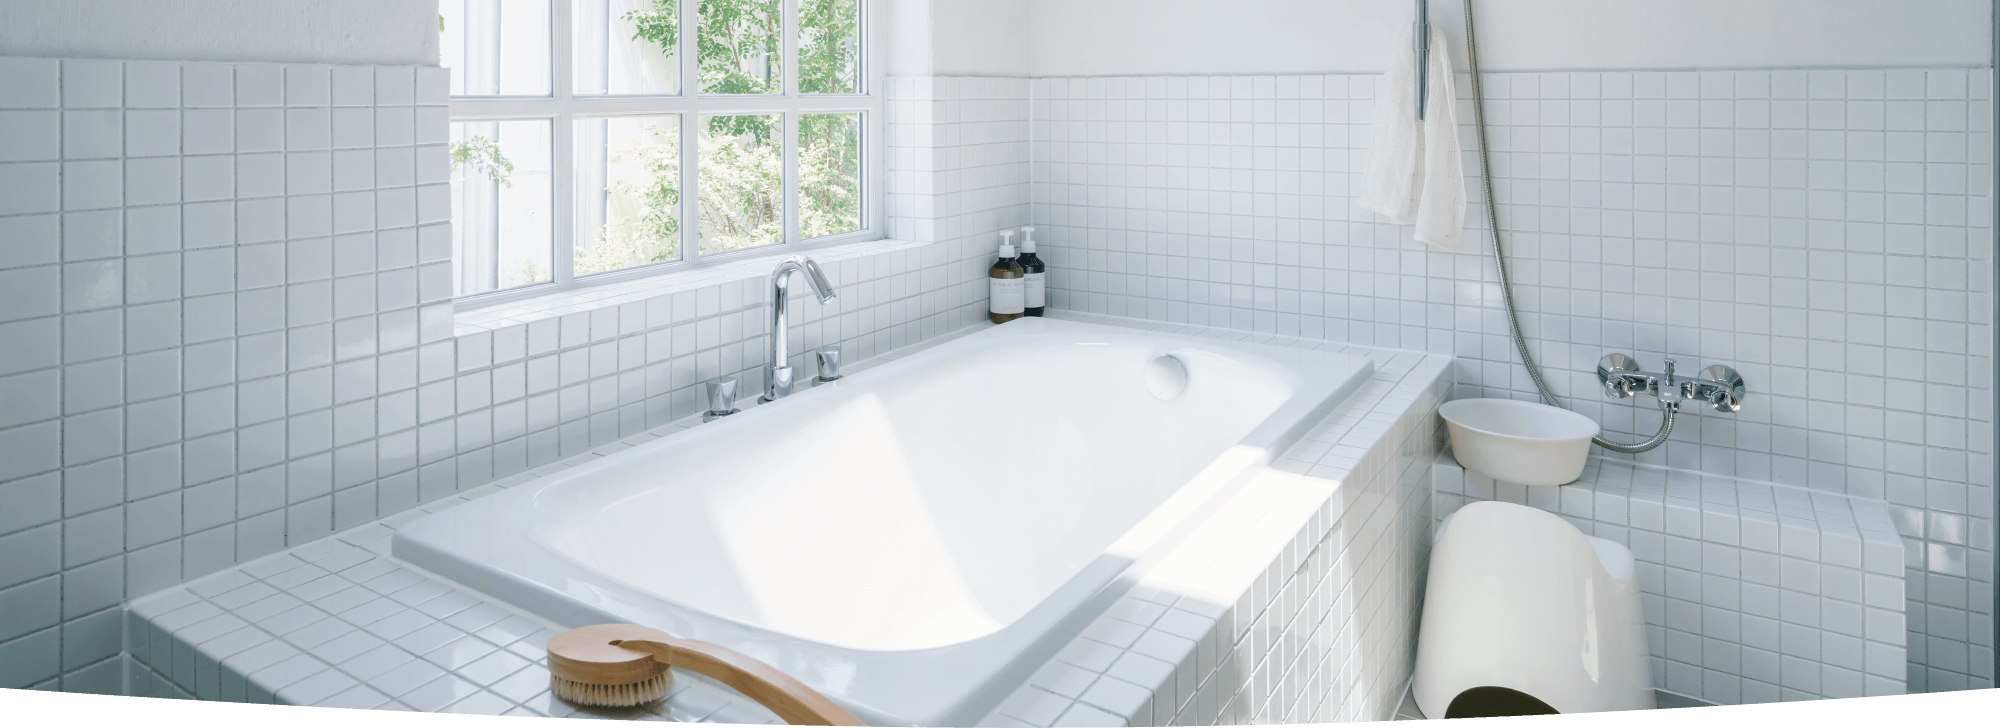 お風呂 bath reform